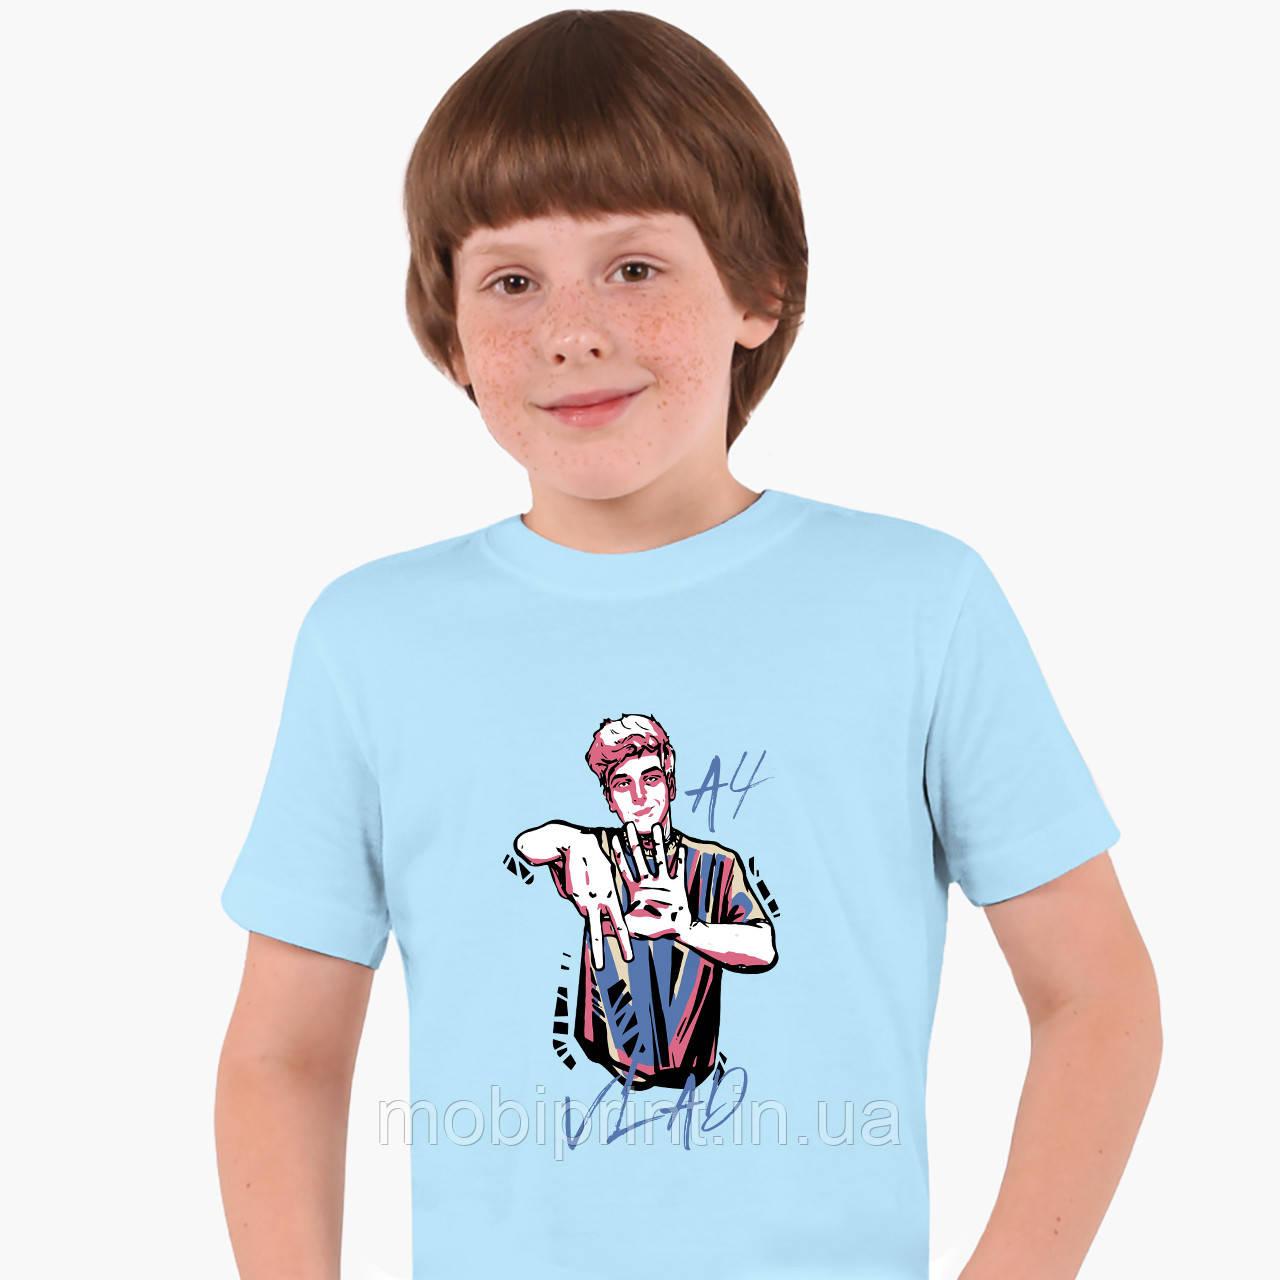 Дитяча футболка для хлопчиків блогер Влад Папір А4 (blogger Vlad A4) (25186-2621) Блакитний